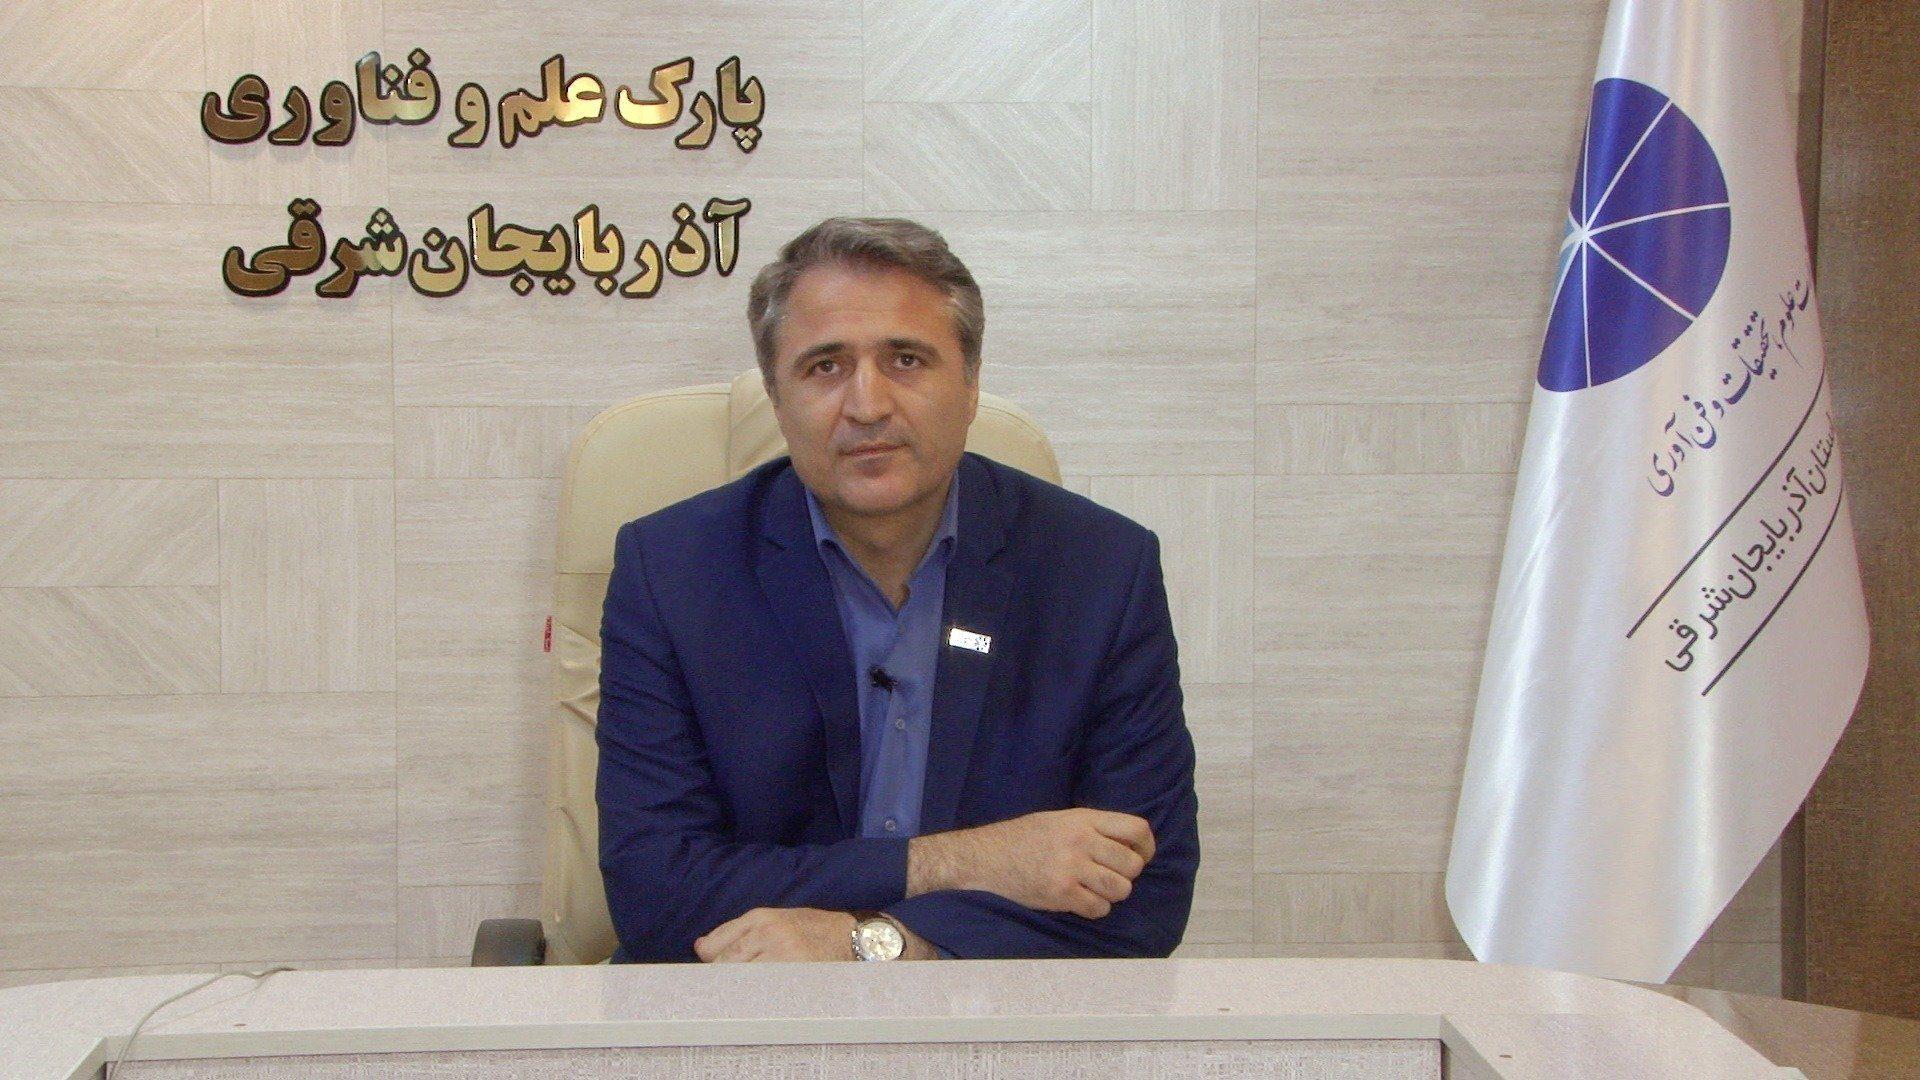 رشد طرحها و ایده های فناورانه در آذربایجان شرقی